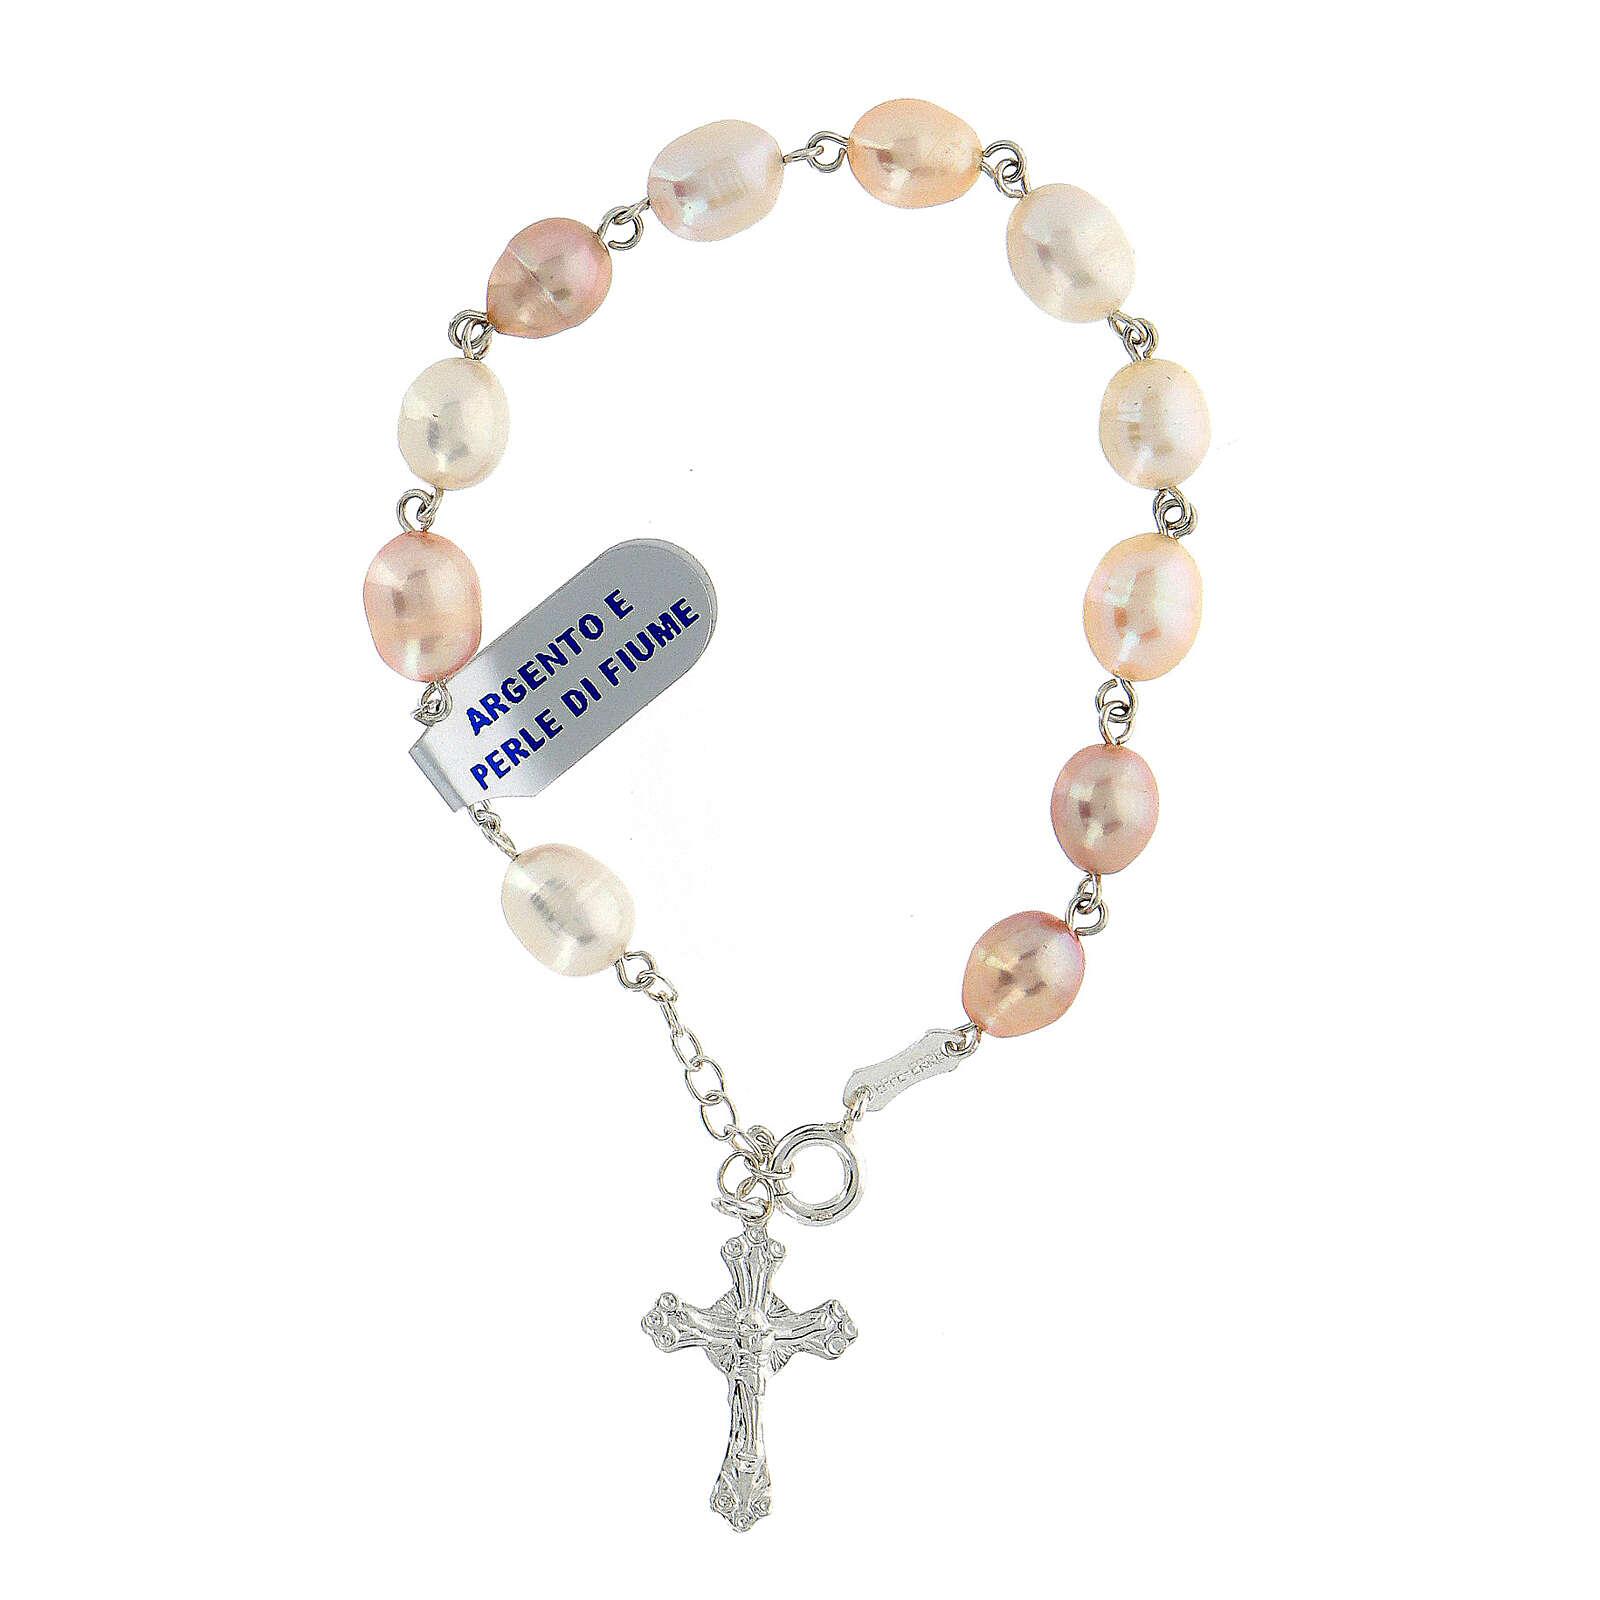 Rosenkranz-Armband Silber 925 Fluss-Perlen 4